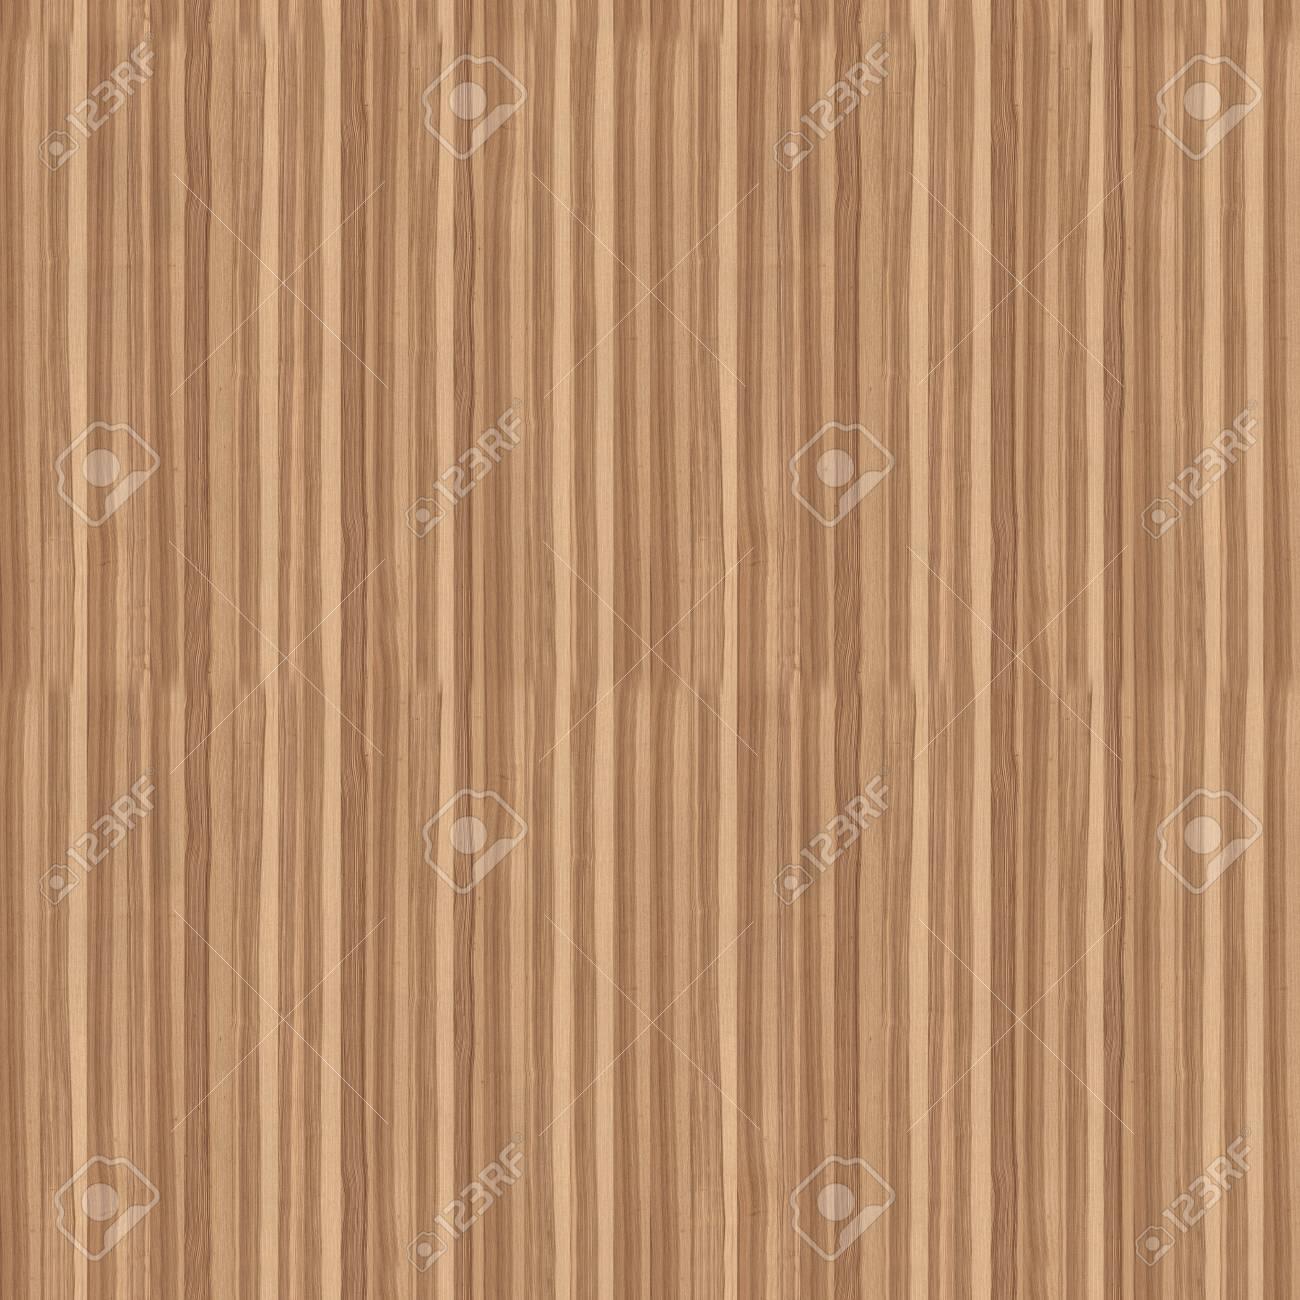 Wood Desk Texture. Plain View Stock Photo - 21800460